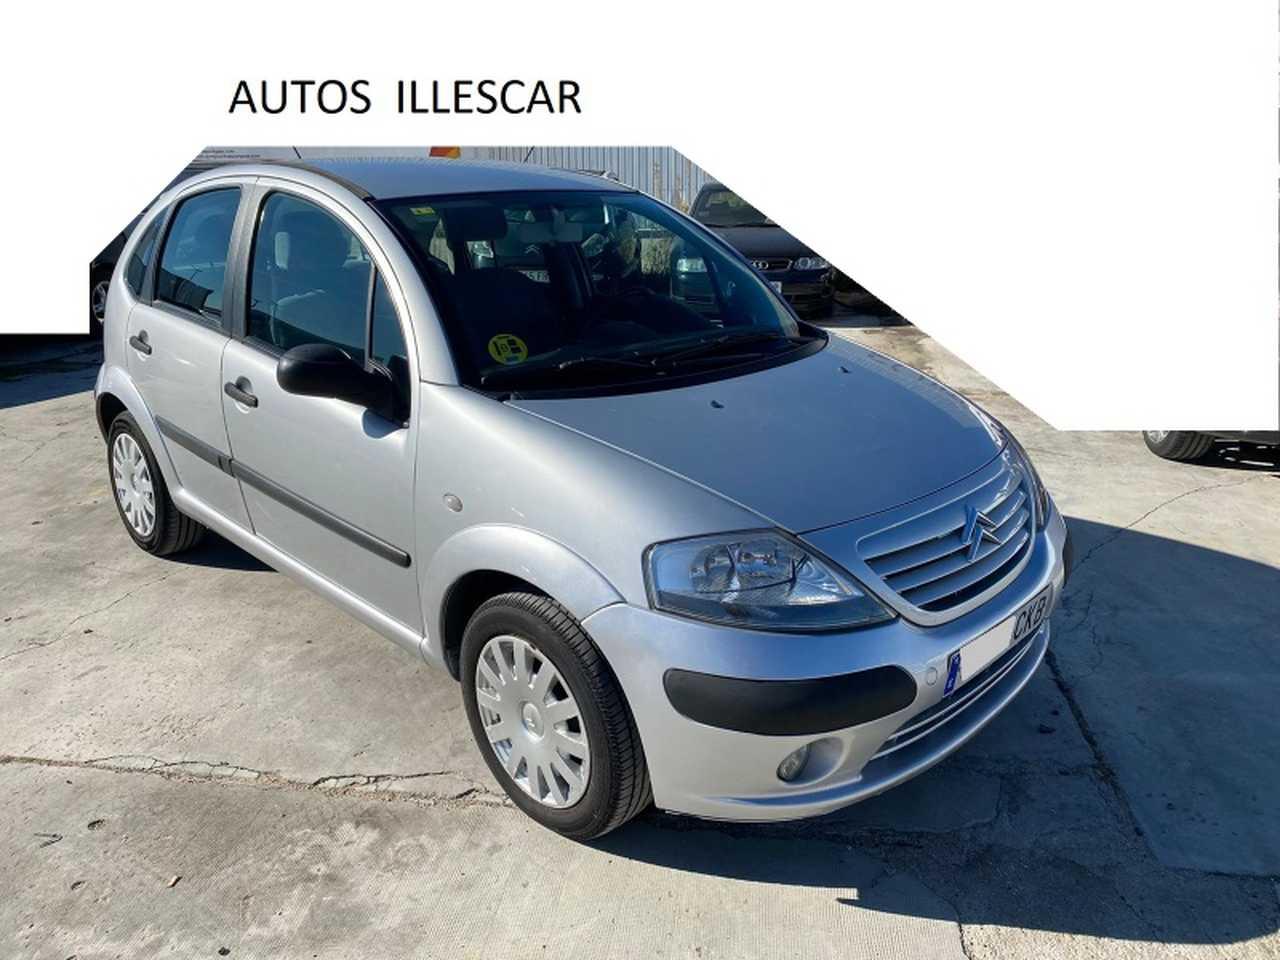 Citroën C3 1.6 GASOLINA ADMITIMOS PRUEBA MECANICA  - Foto 1